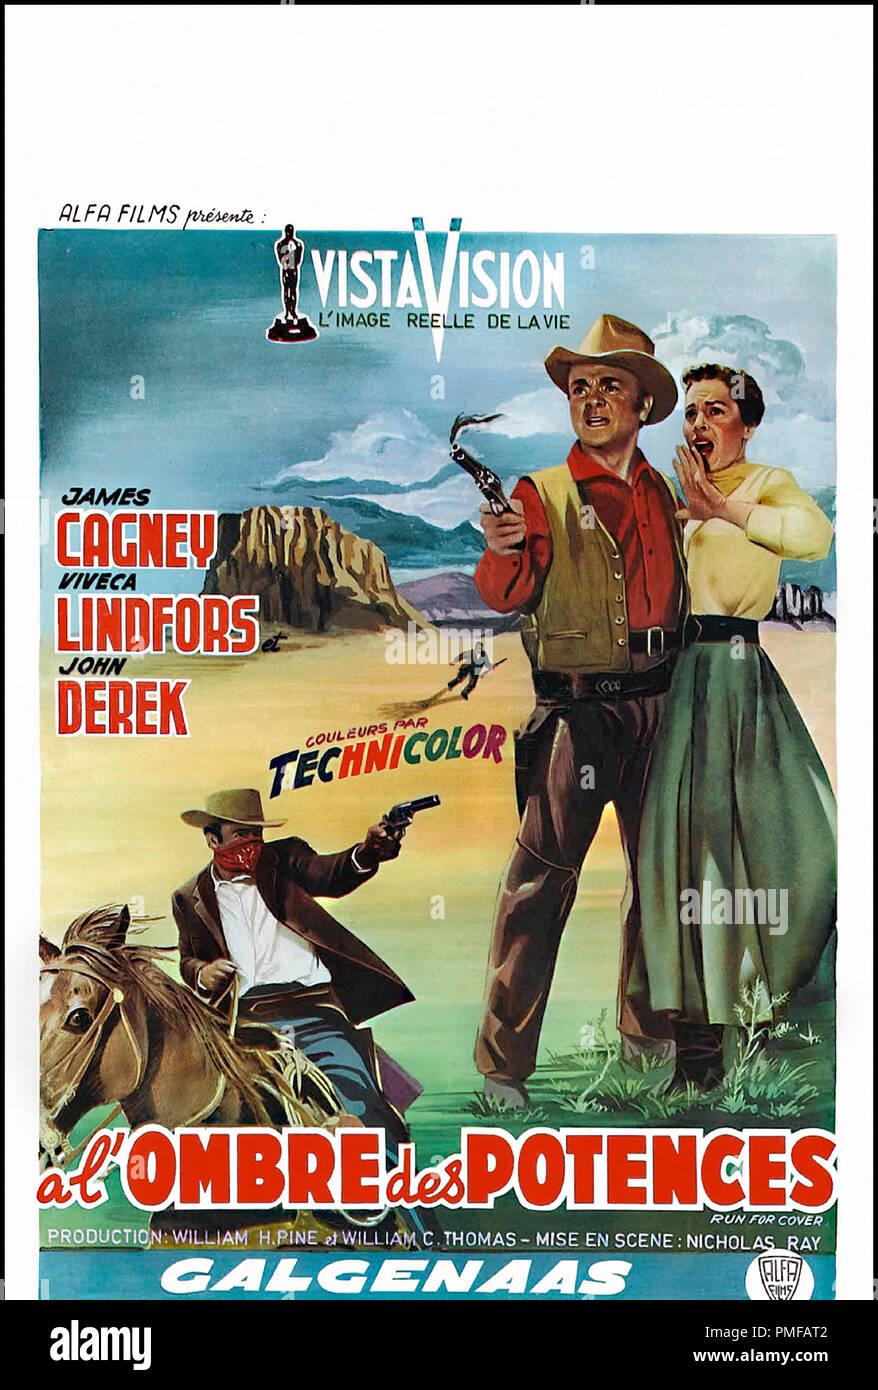 Prod DB © Pine-Thomas Productions / DR A L'OMBRE DES POTENCES (RUN FOR COVER) de Nicholas Ray 1955 USA affichette belge avec James Cagney technicolor, vistavision, western, cheval, revolver, bandit autre titre: Colorado (USA) (reissue title) - Stock Image